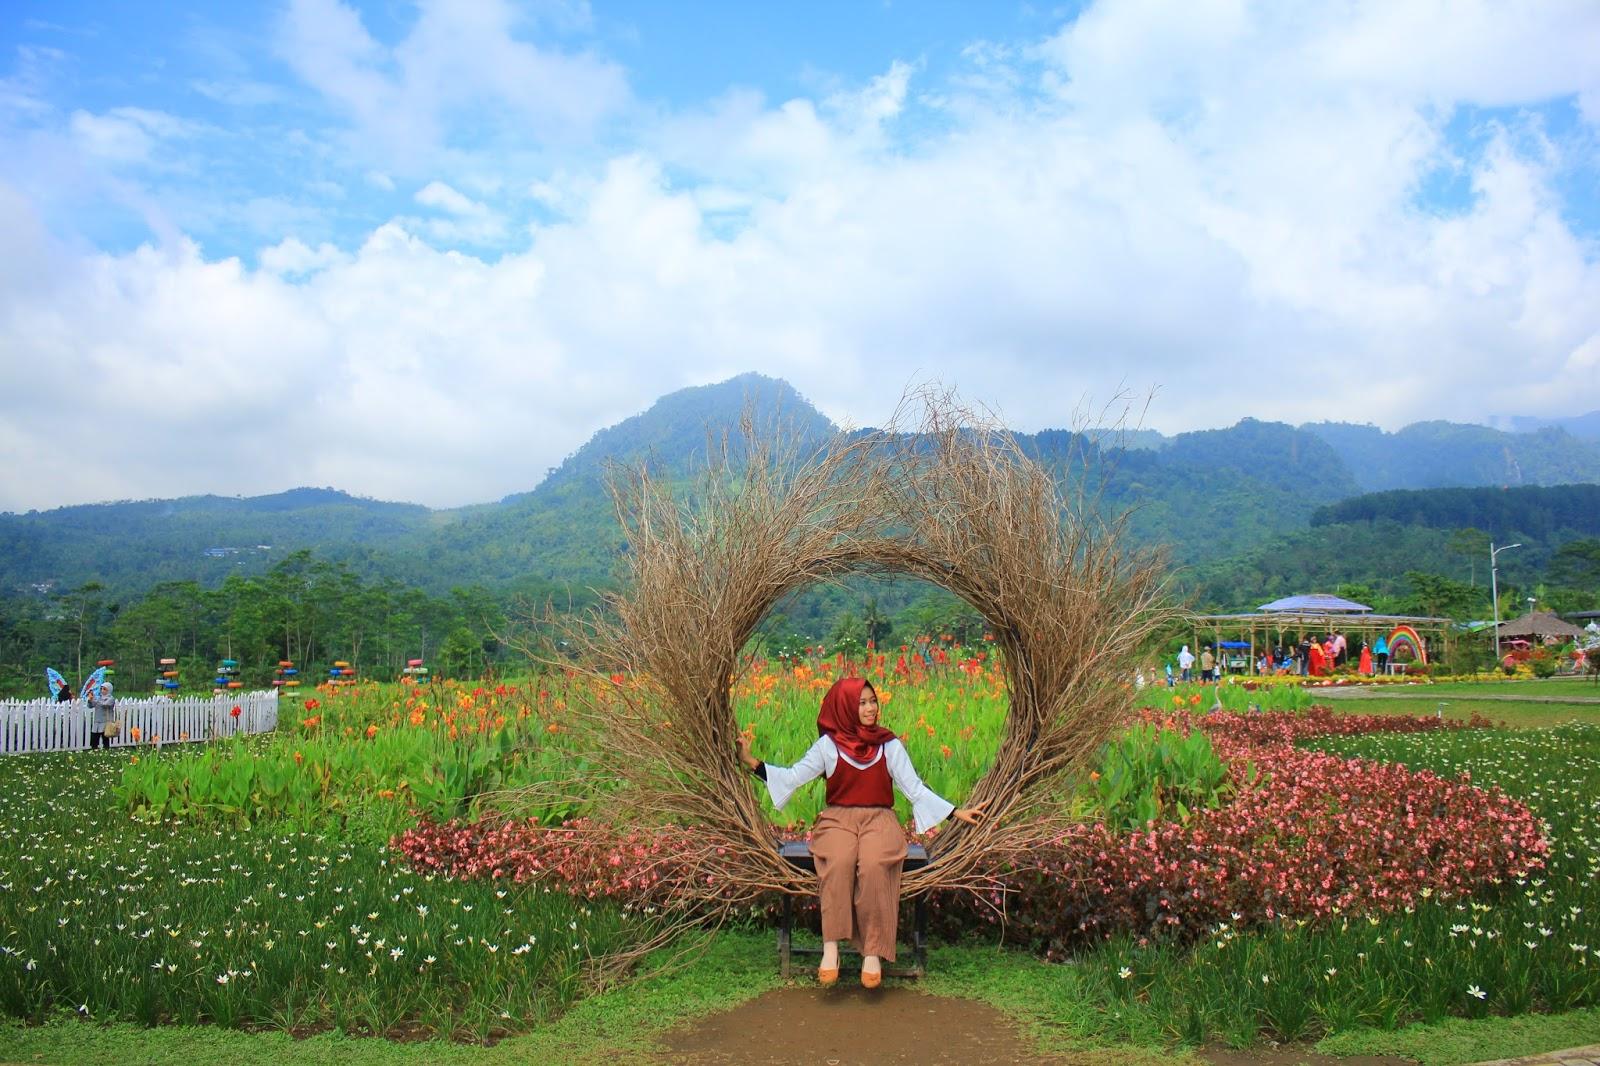 Jalan Small Garden Wahana Taman Miniatur Dunia Wisata Banyumas World